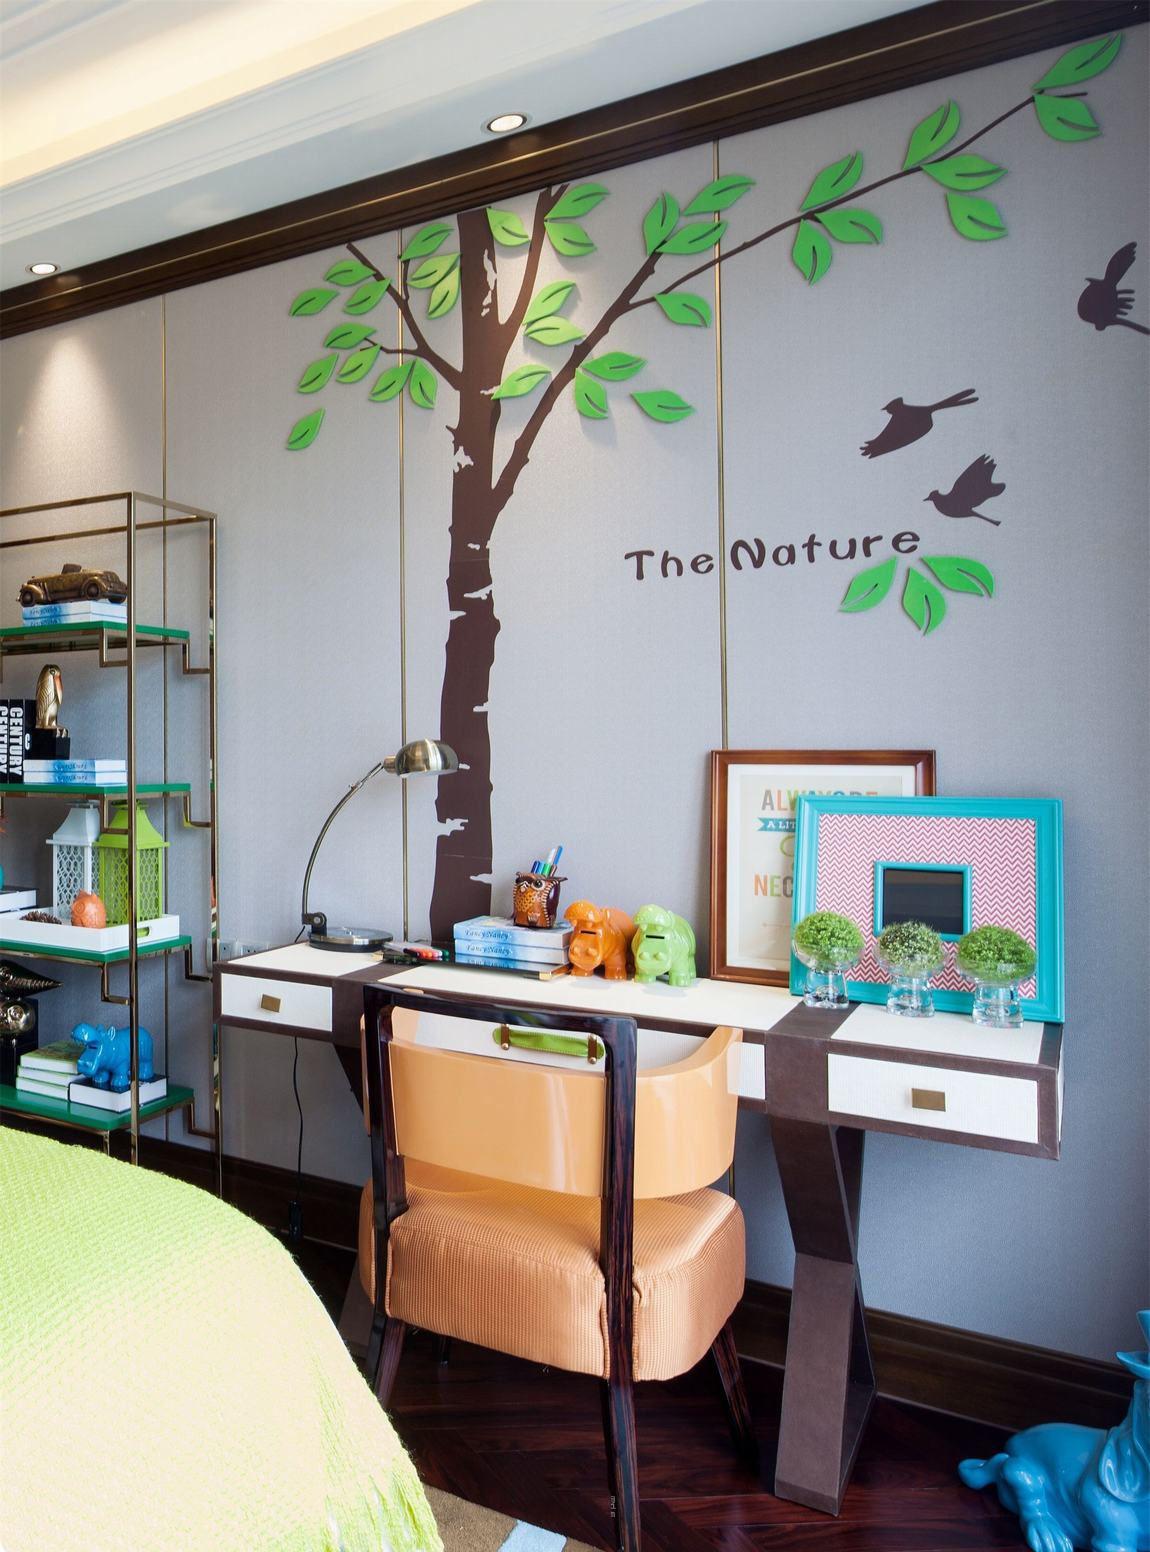 清新自然美式装修书房立体墙贴效果图